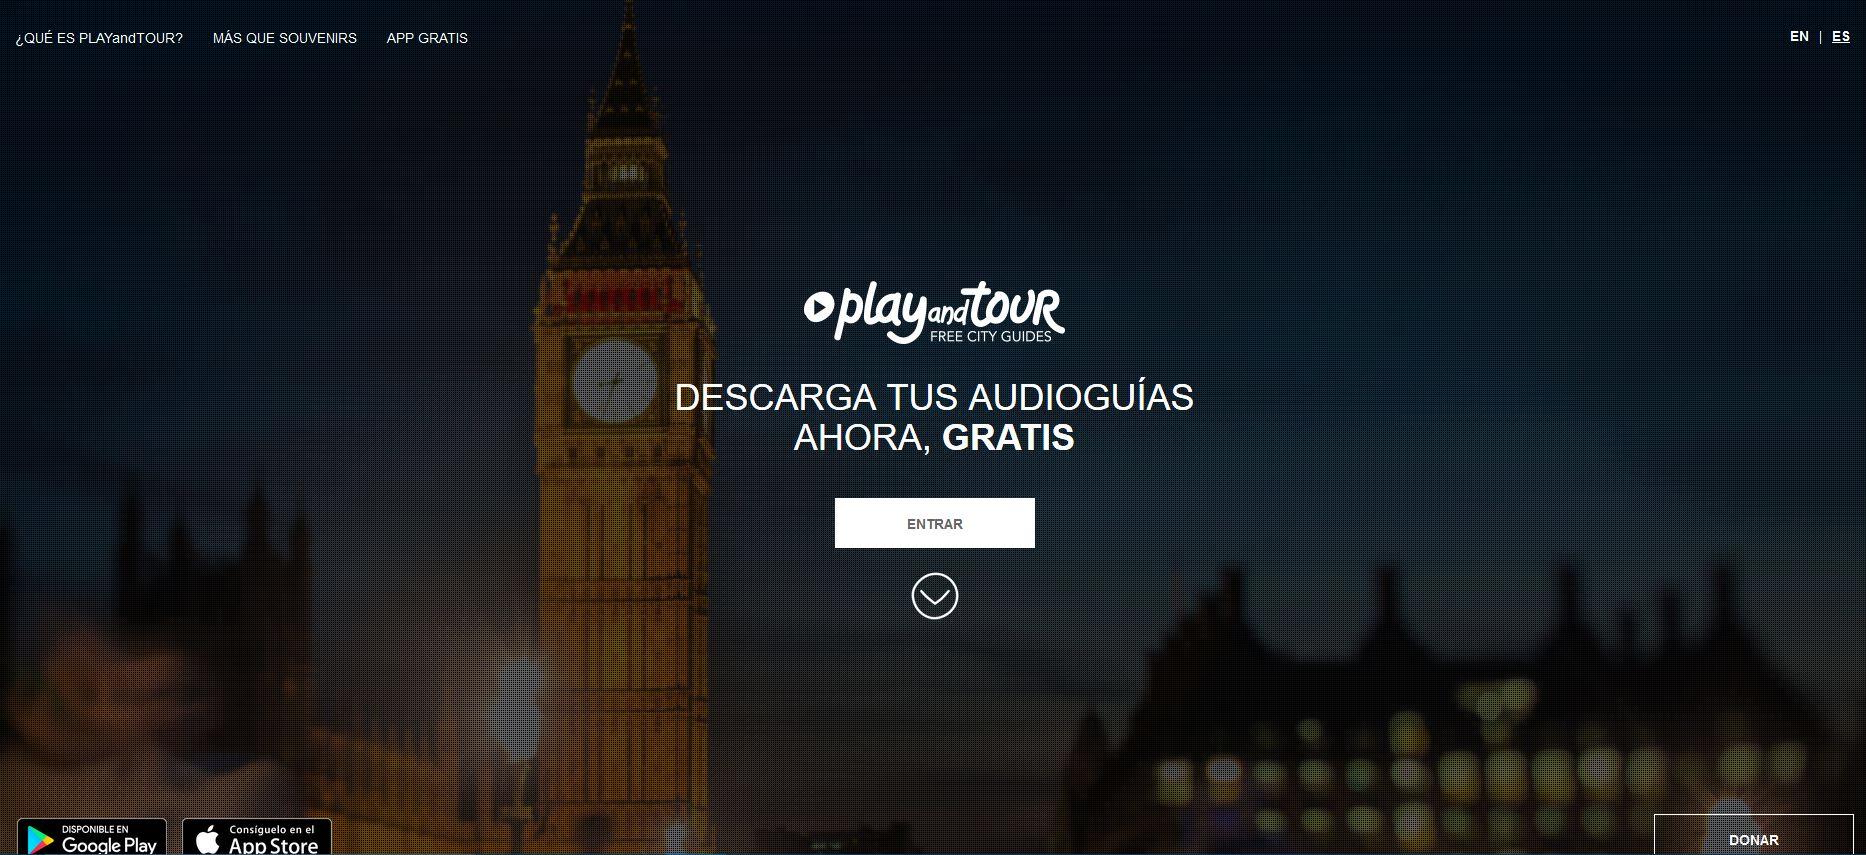 traducciones español ingles, traduccion de guias turisticas